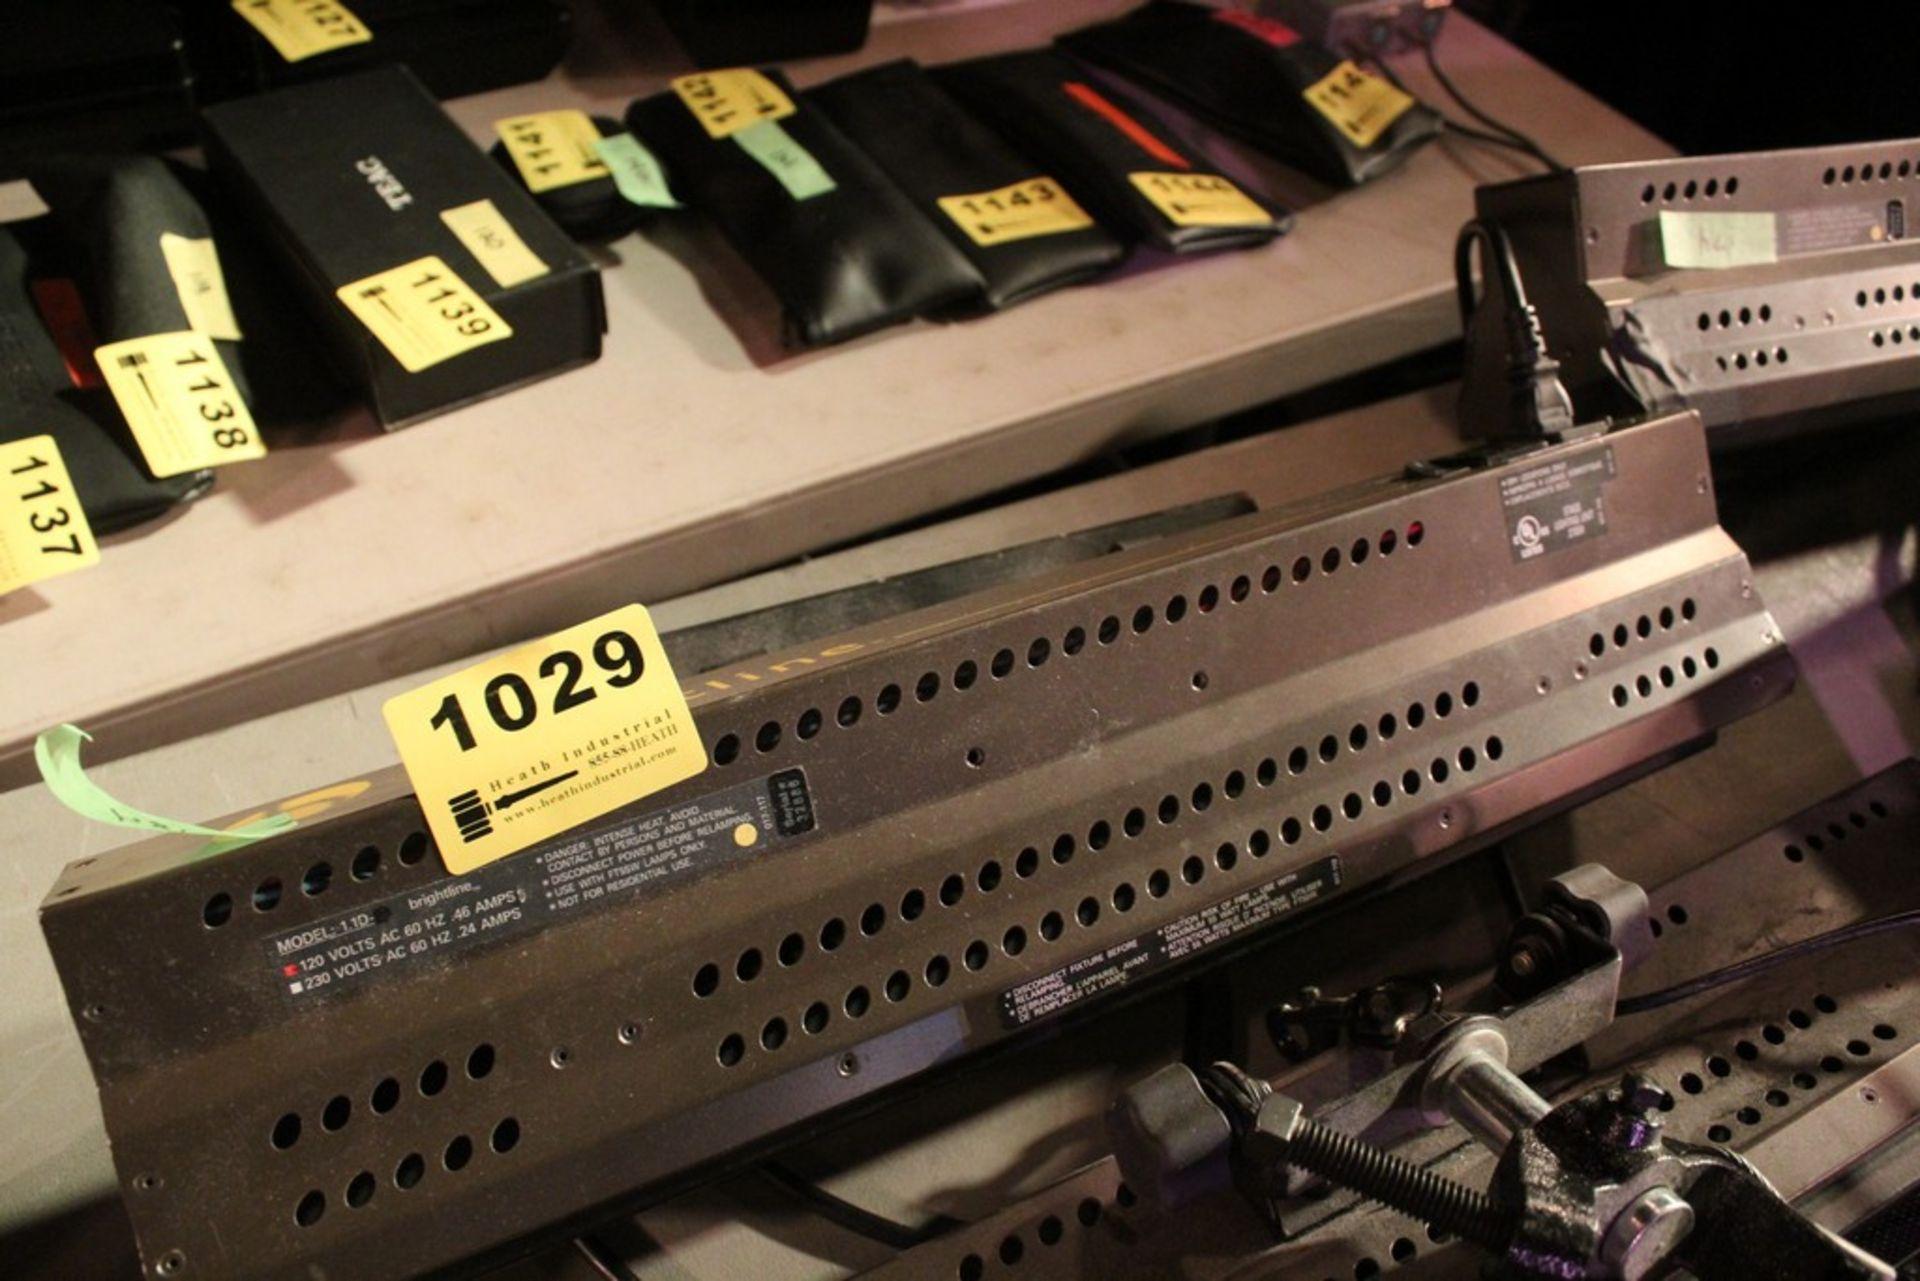 Lot 1029 - BRIGHTLINE MODEL 1.1D 10 AMP STAGE LIGHT SERIES 1 DMX LIGHT